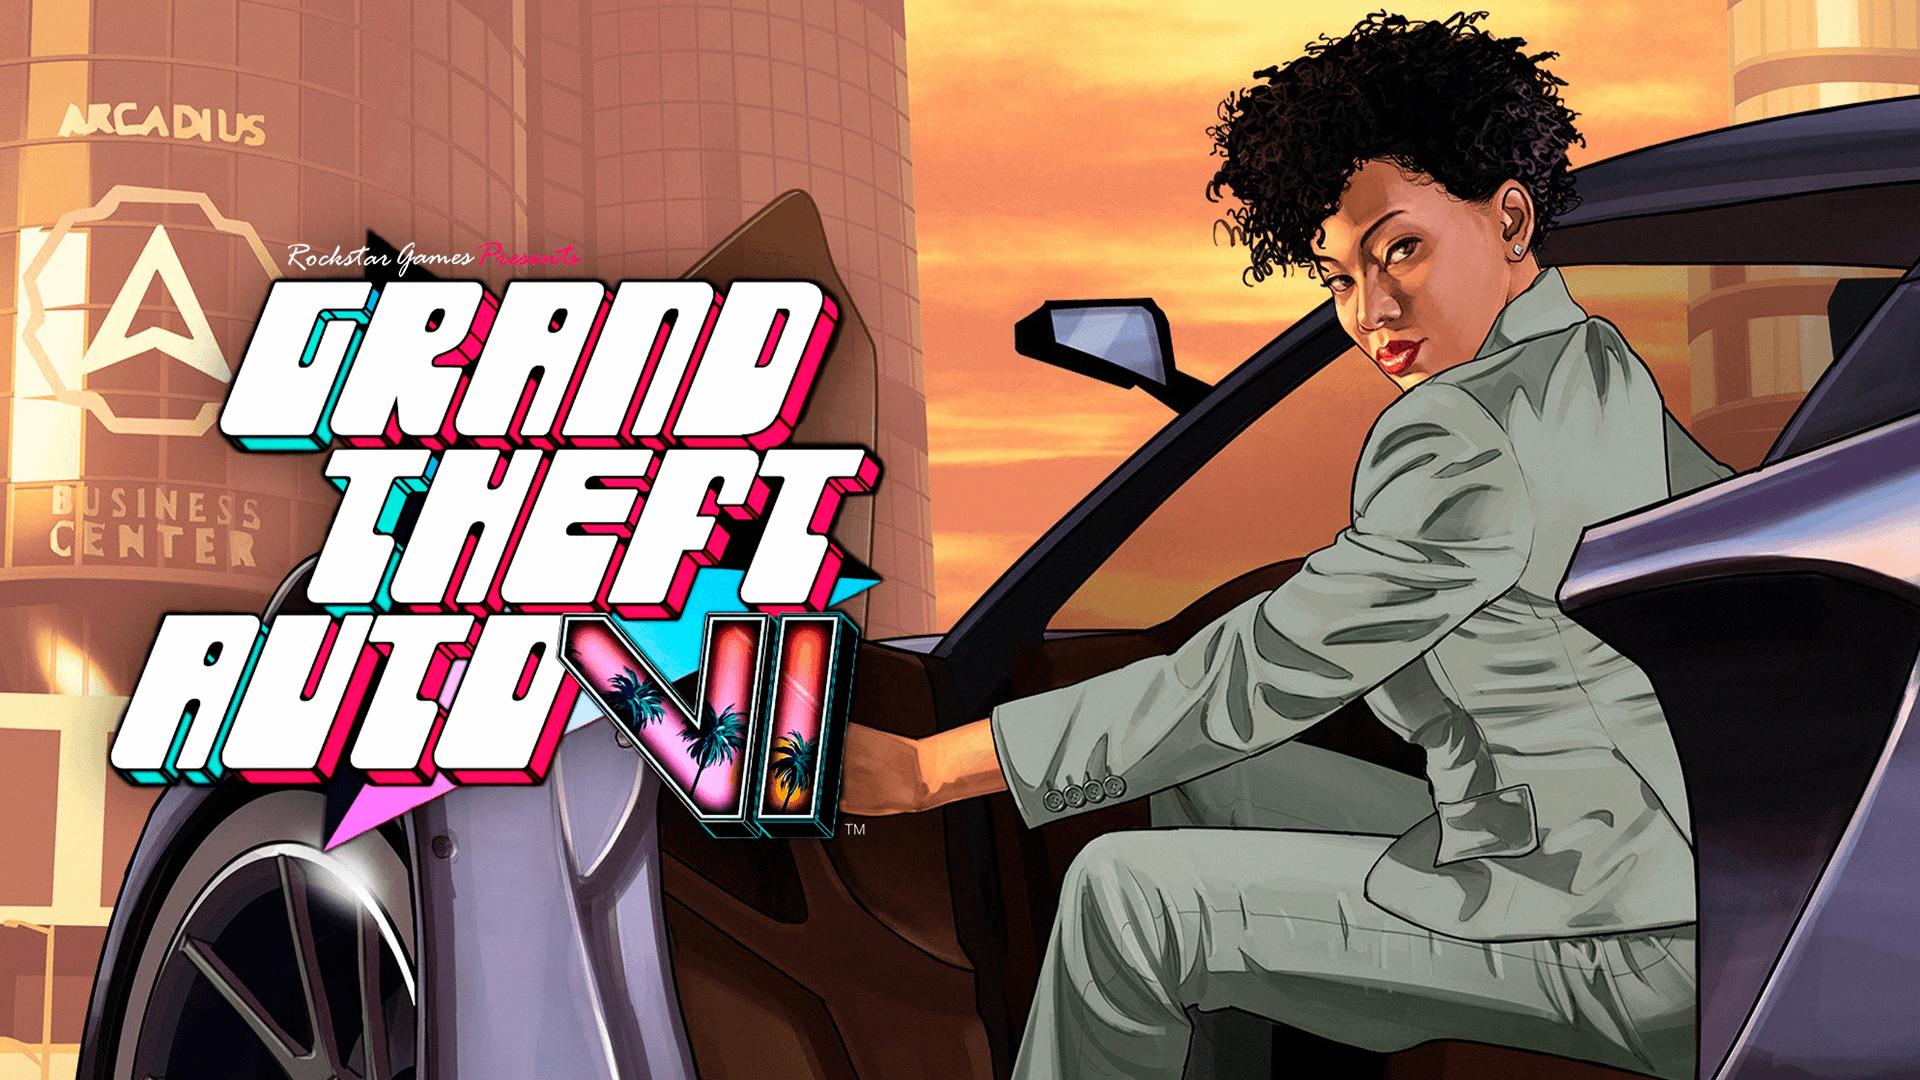 Nos últimos dias surgiu um rumor que Grand Theft Auto VI (GTA 6) pode receber uma protagonista mulher e isso causou diversas discussões.